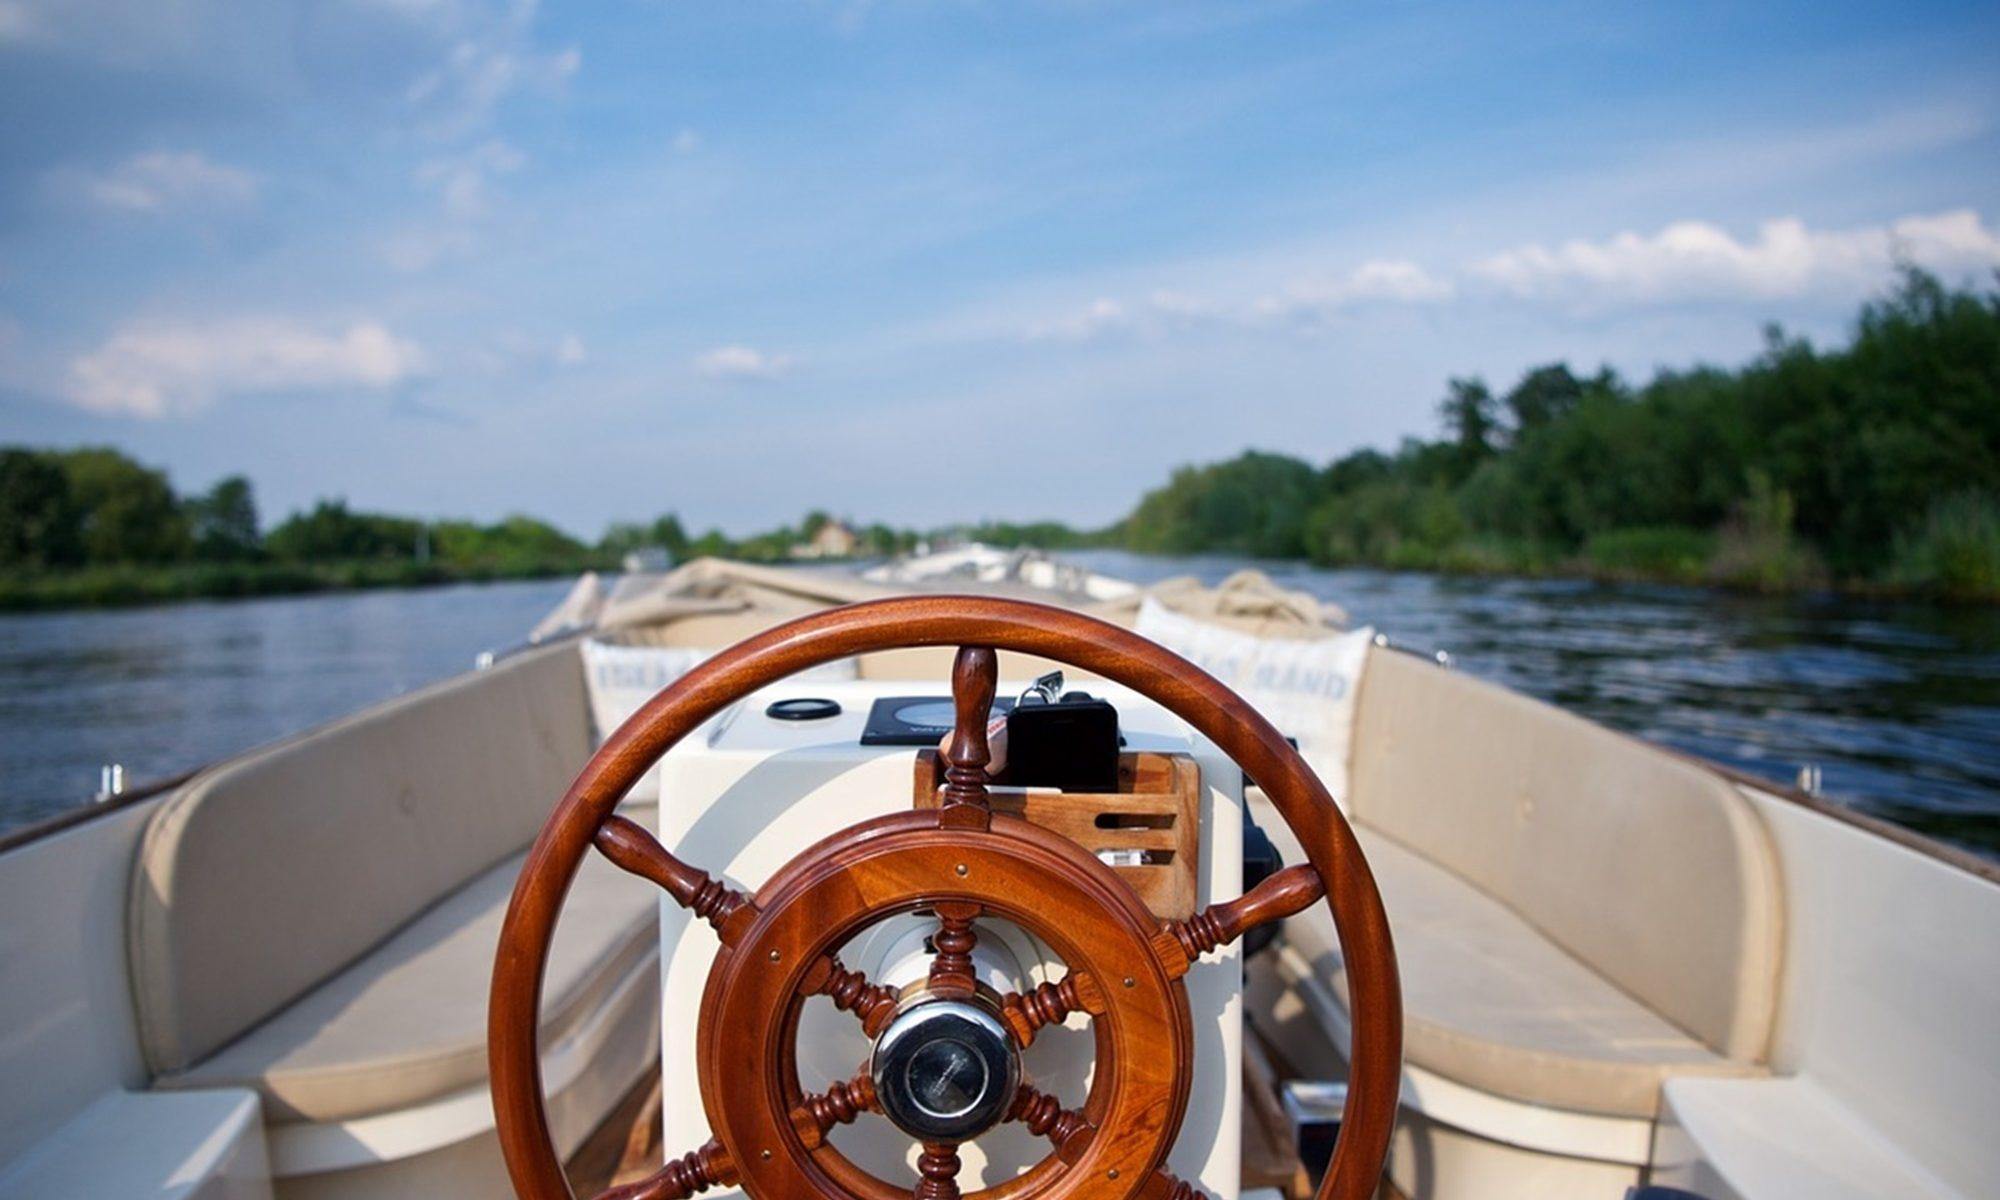 boat-helm-inverter-mobile-application